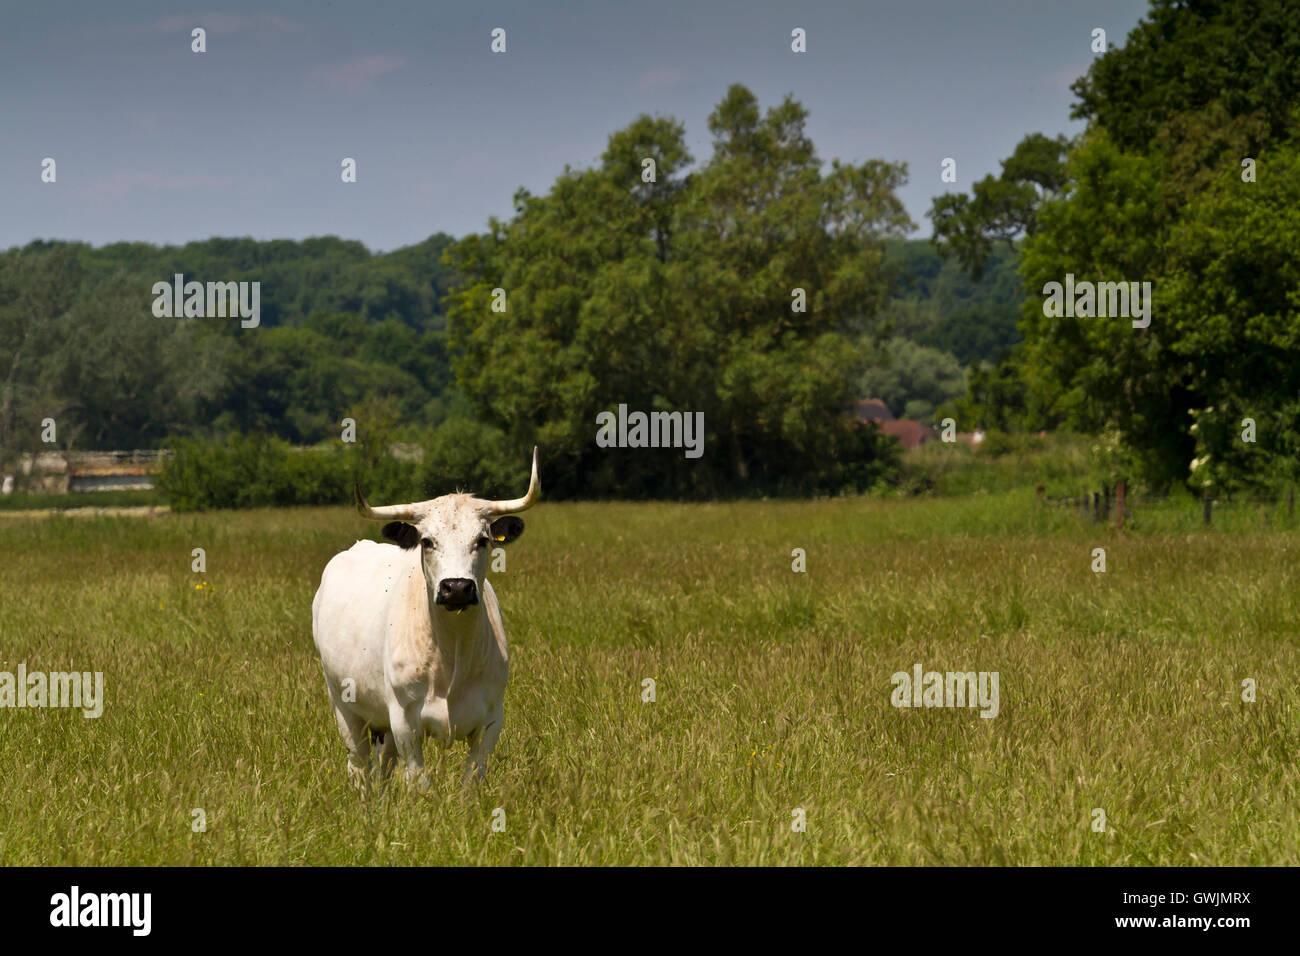 Rara especie Inglés parque vaca blanca se situó en un campo mirando a la cámara, Dorset UK Foto de stock